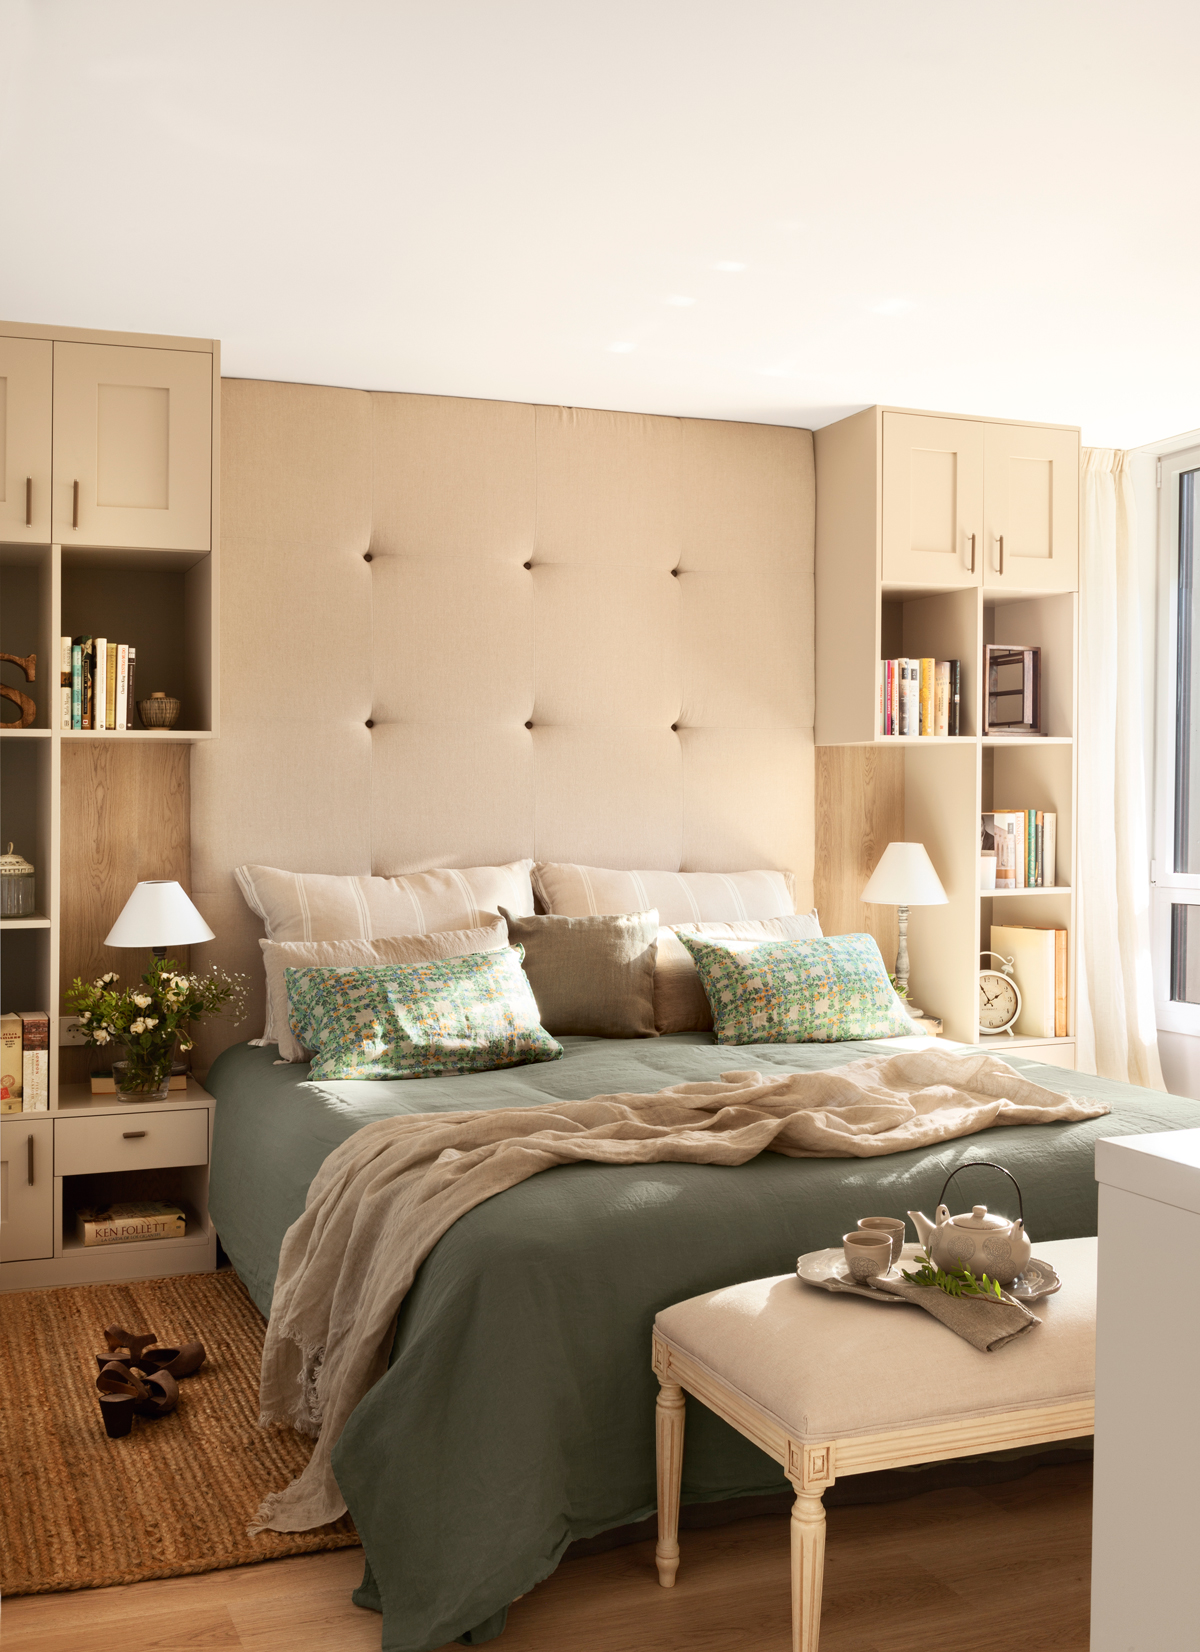 10 ideas y consejos para decorar dormitorios peque os - Ideas de cabeceros de cama ...